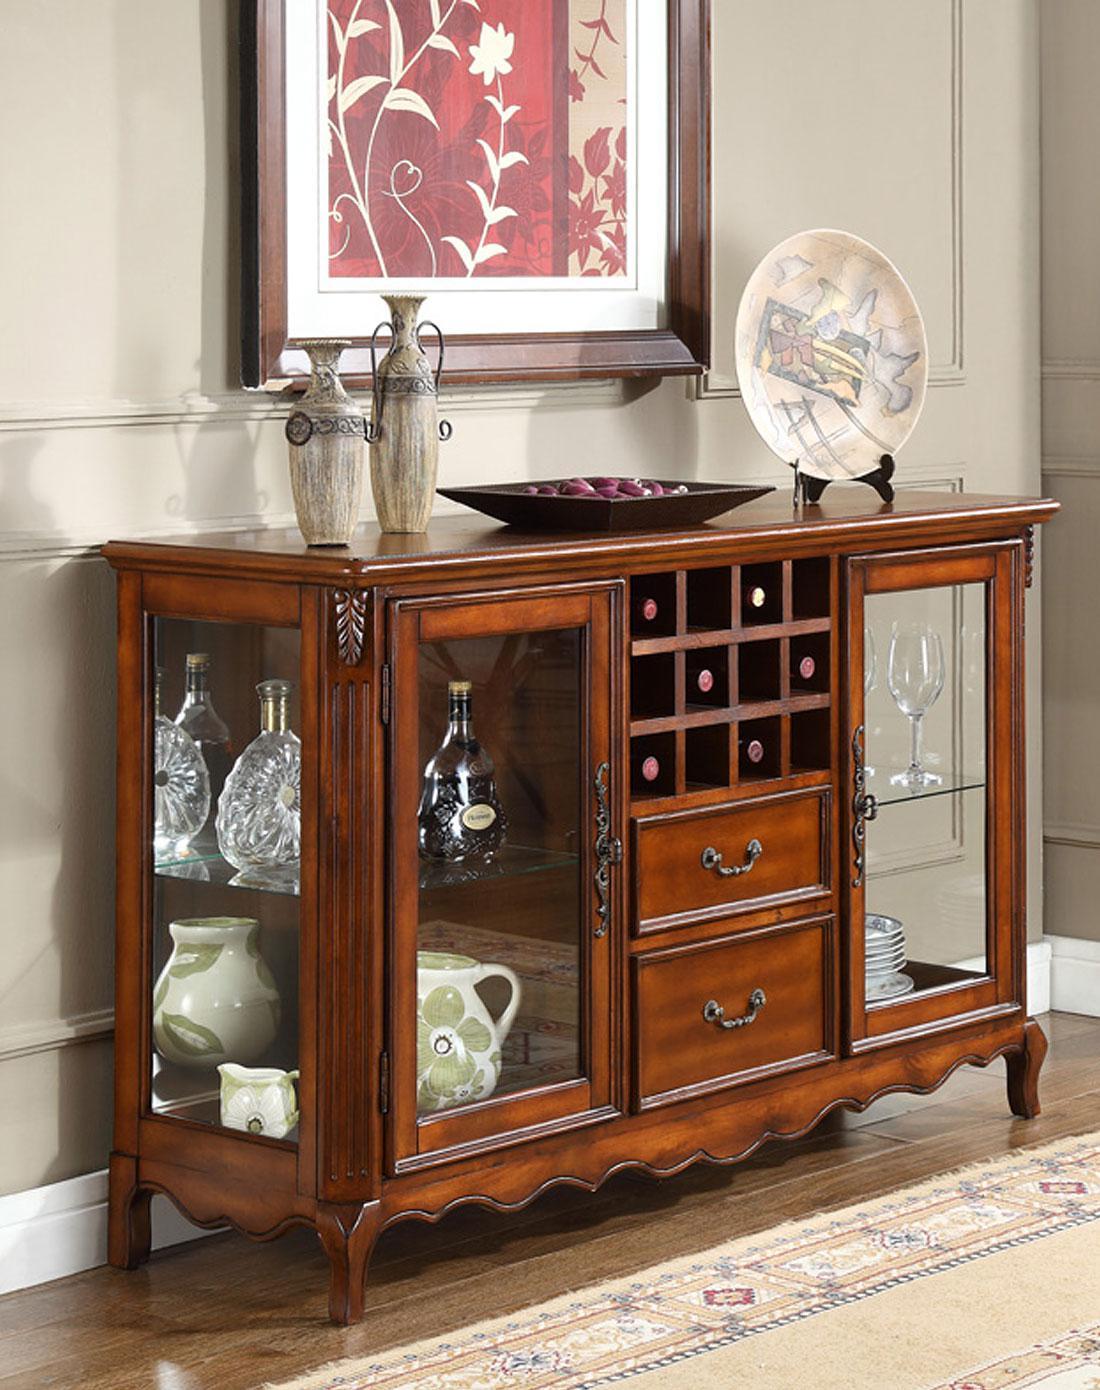 美式实木雕花餐边柜